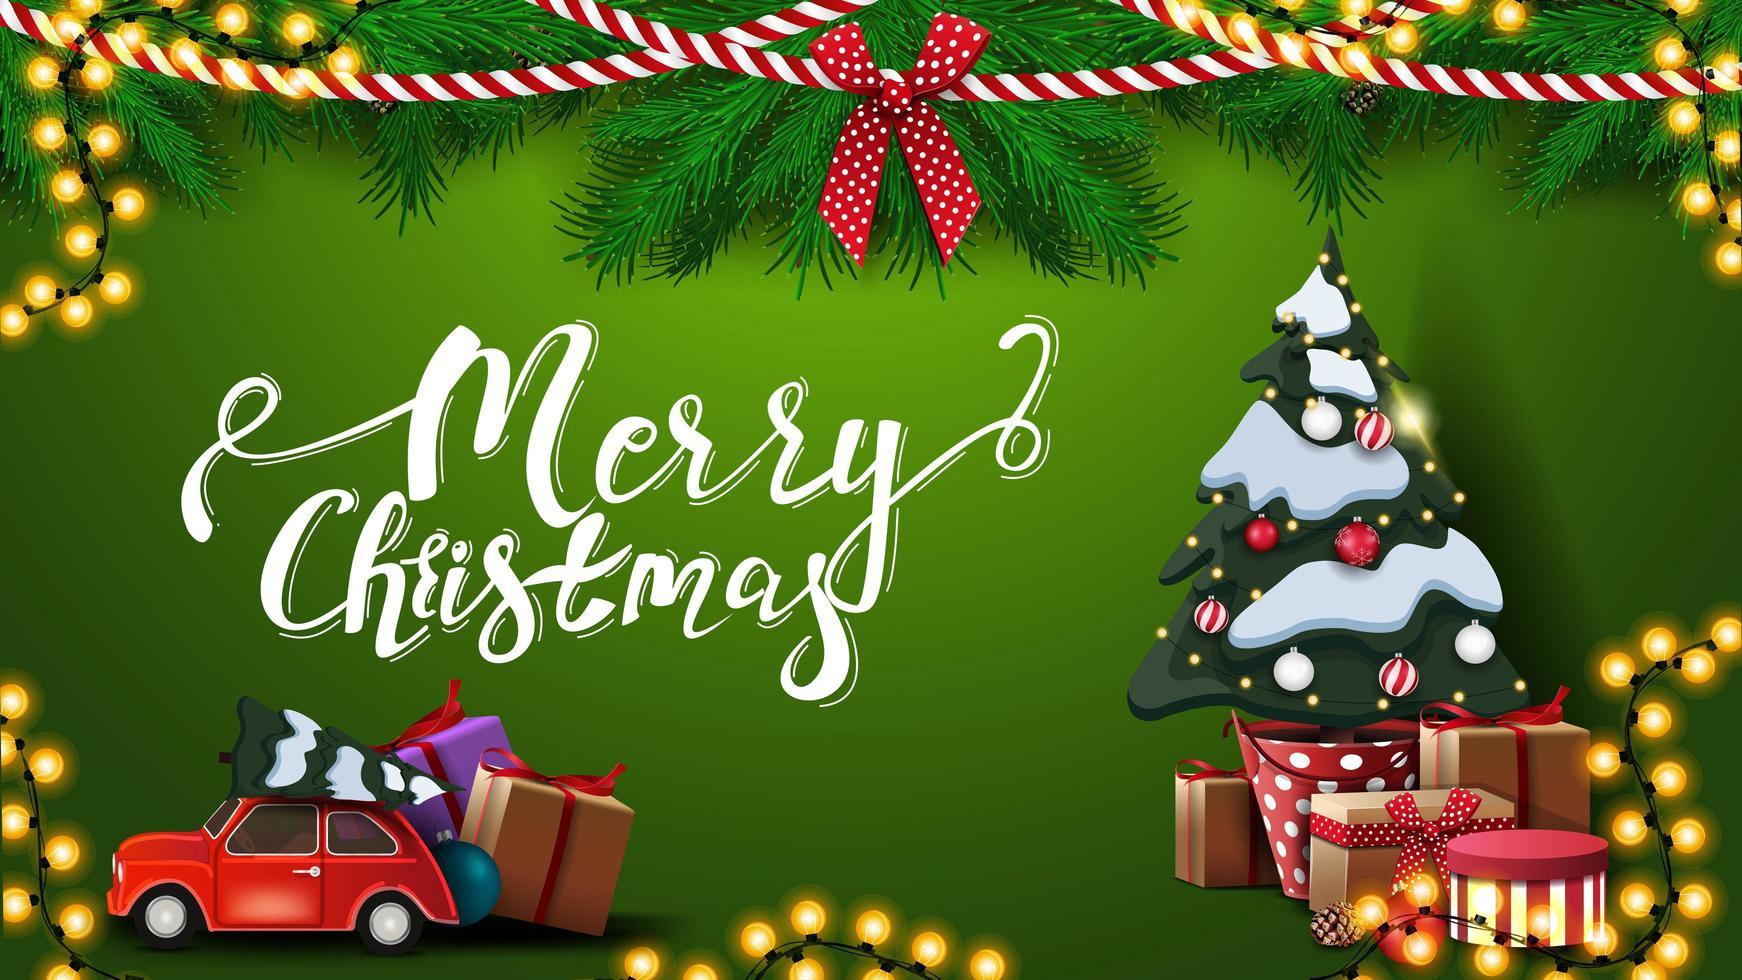 feliz navidad, postal verde con corona de ramas de árboles de navidad, guirnaldas, coche rojo de época con árbol de navidad y gran árbol de navidad en una maceta con regalos vector